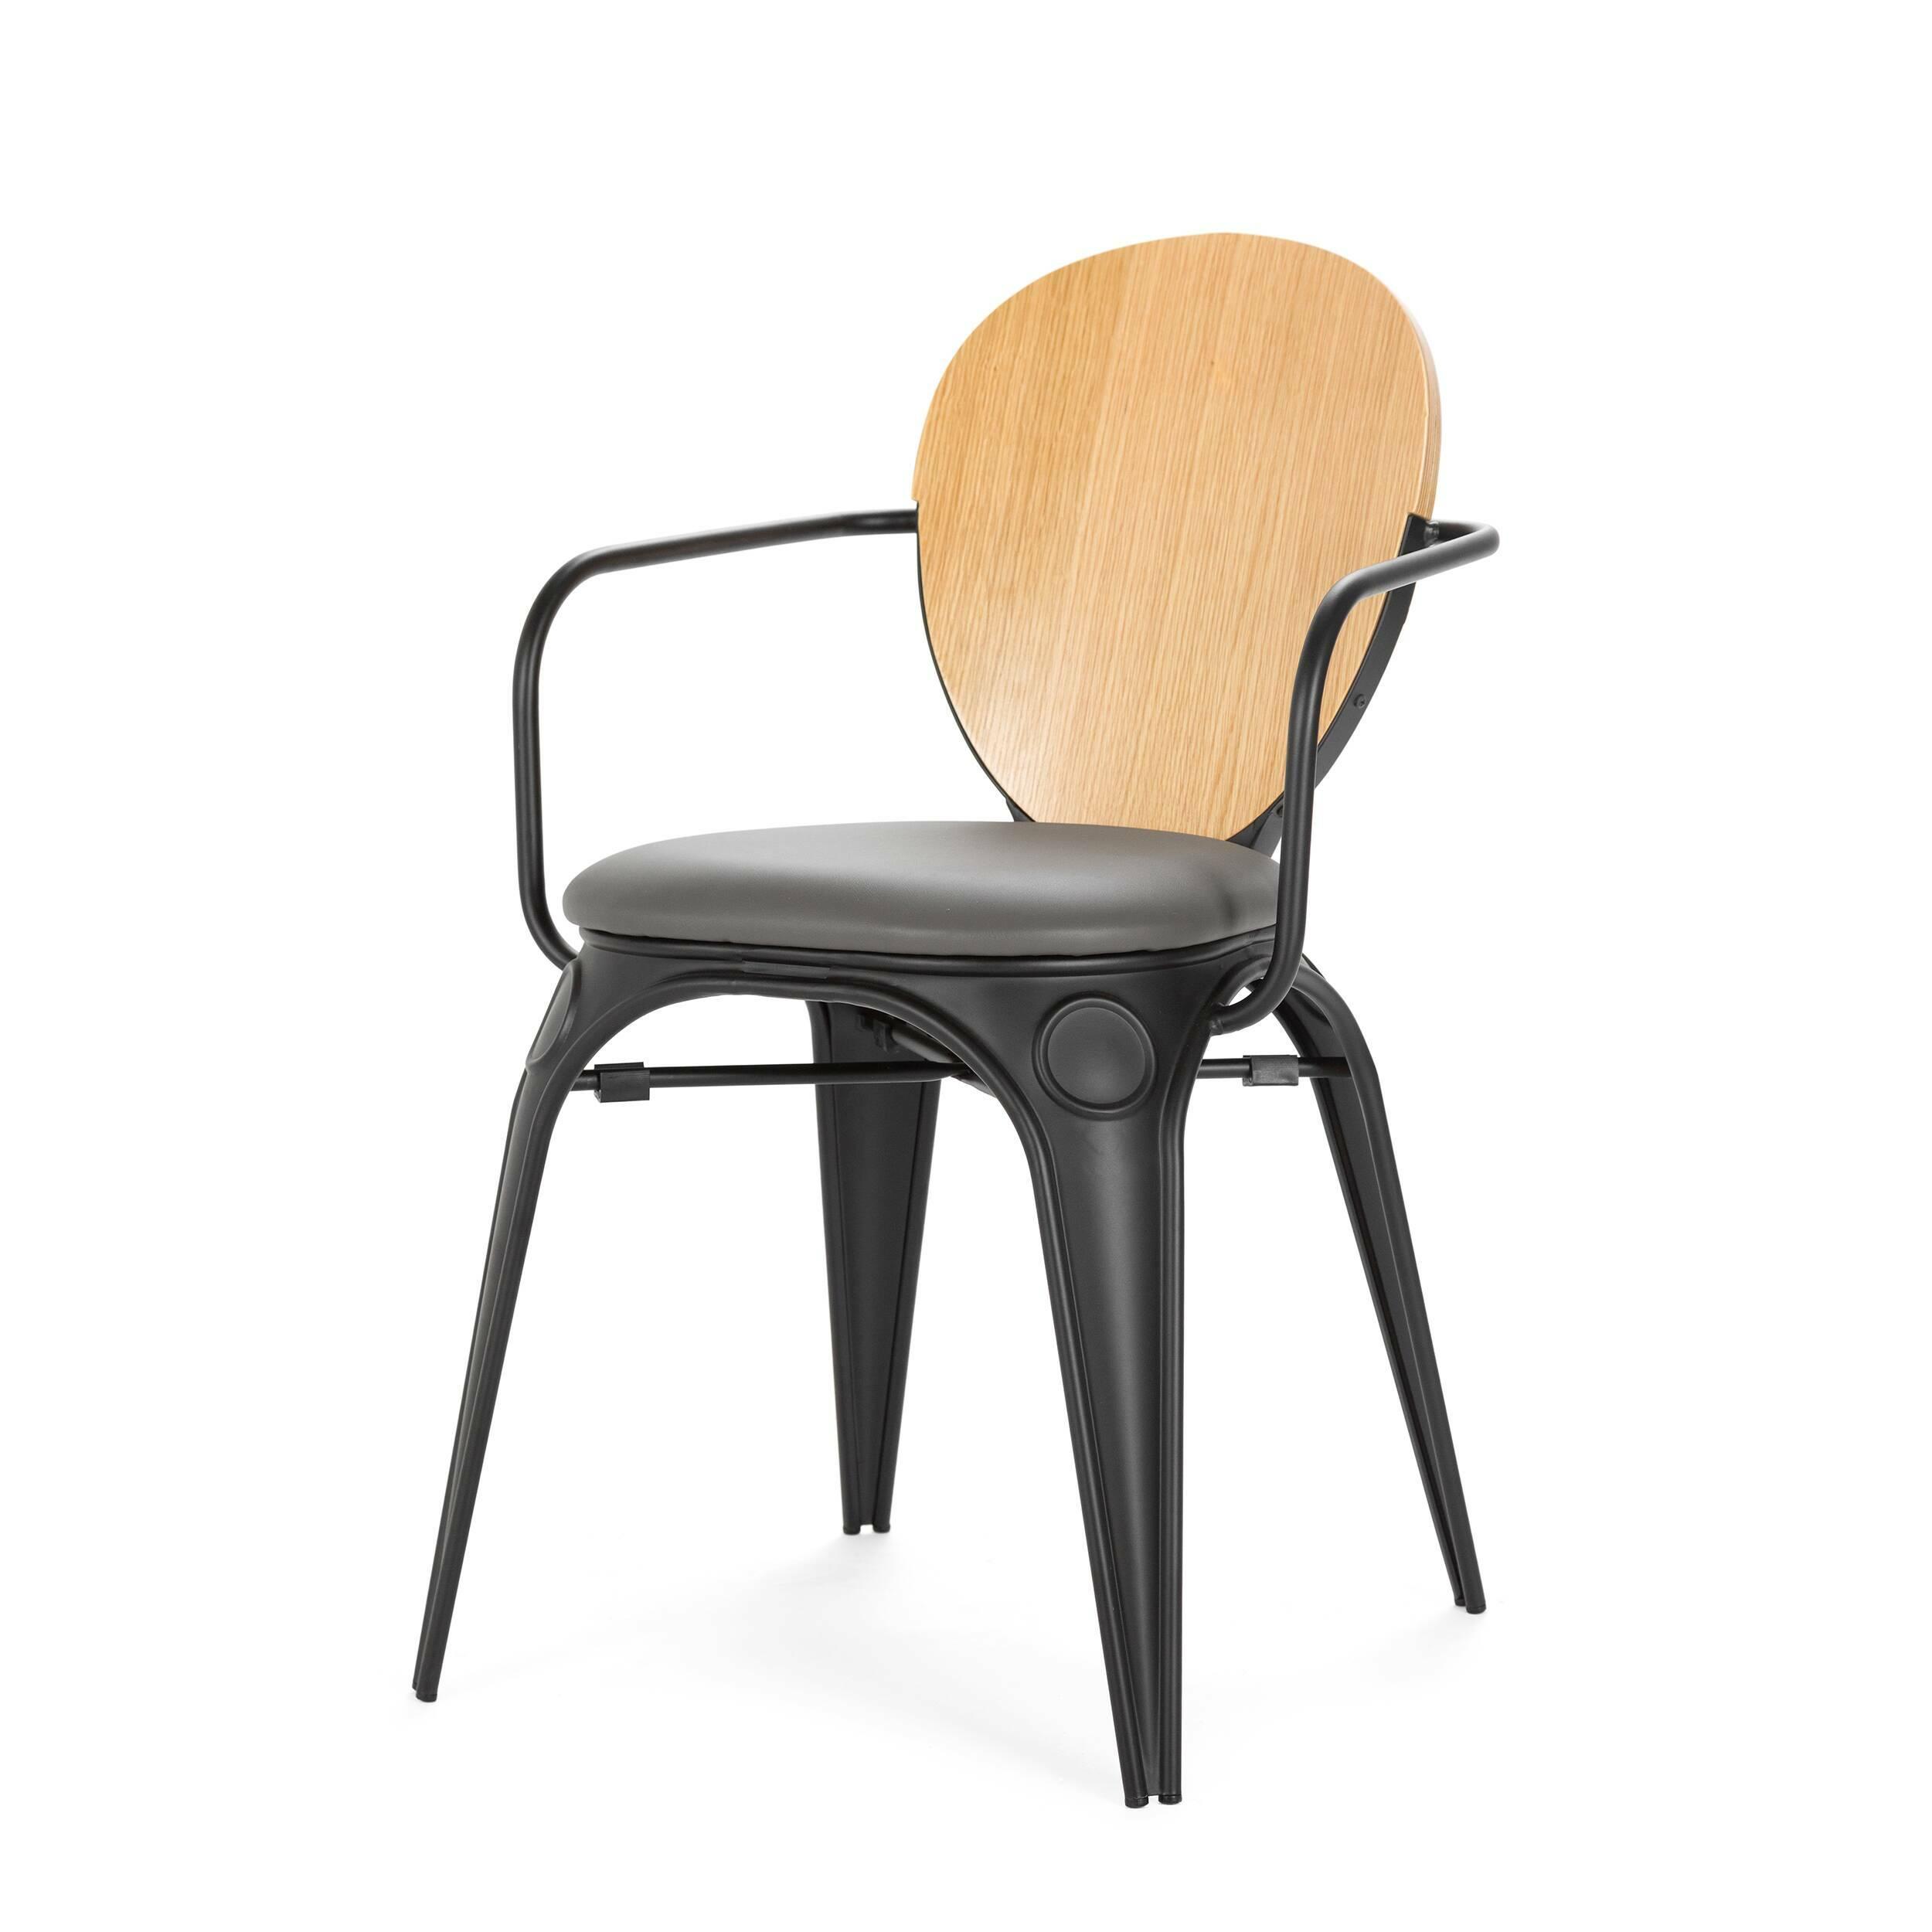 Стул Louix с подушкойИнтерьерные<br>Дизайнерский стул Louix (Луи) из стали с кожаным сиденьем и деревянной спинкой от Cosmo (Космо).<br><br>     Дизайнер Александр Аразола виртуозно соединил практичность и эстетику. Его творения не просто стильные, они имеют свой характер, свое настроение. Легкость и простота присутствуют и в этом стуле.<br><br><br>     Светлый и оригинальный, прочный и надежный, стул Louix с подушкой спроектирован в чистом французском стиле, на стыке индустриальной техники, популярной во Франции в 20-х годах ХХ века, и ...<br><br>stock: 1<br>Высота: 83.5<br>Высота сиденья: 46<br>Ширина: 60<br>Глубина: 52<br>Цвет спинки: Дуб<br>Материал спинки: Фанера, шпон дуба<br>Тип материала каркаса: Сталь<br>Материал сидения: Полиуретан<br>Цвет сидения: Бирюзовый<br>Тип материала спинки: Дерево<br>Тип материала сидения: Кожа искусственная<br>Цвет каркаса: Черный матовый